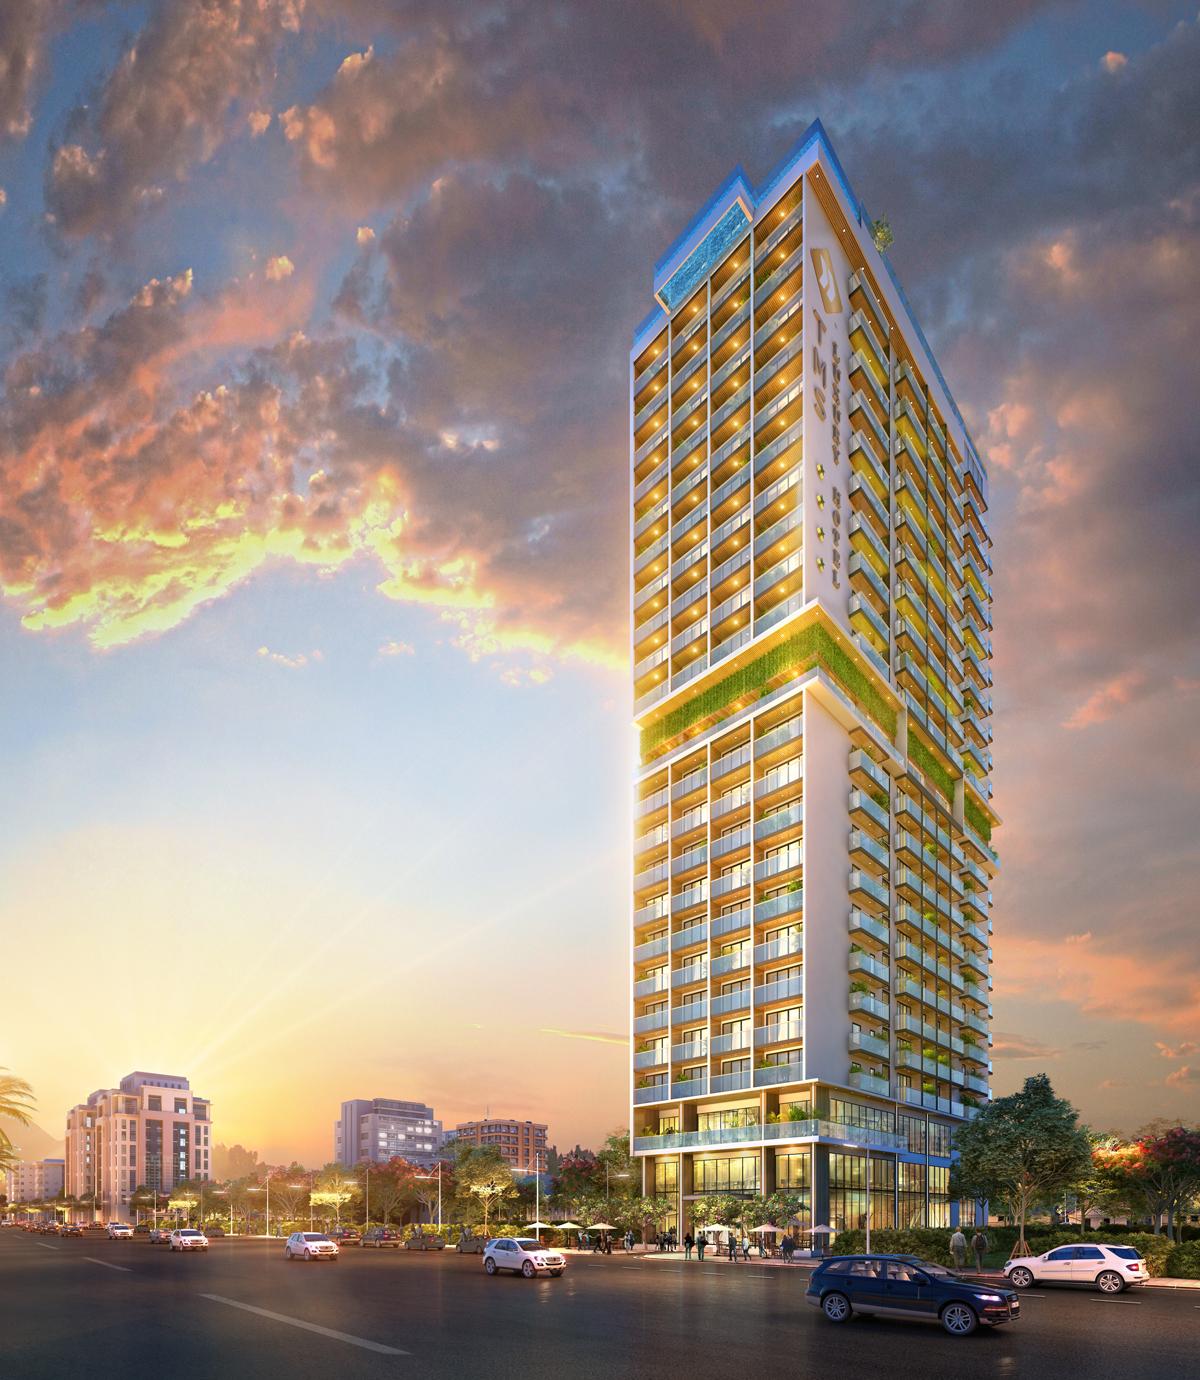 Mua căn hộ Đà Nẵng, nên chọn Condotel TMS. Vì sao?